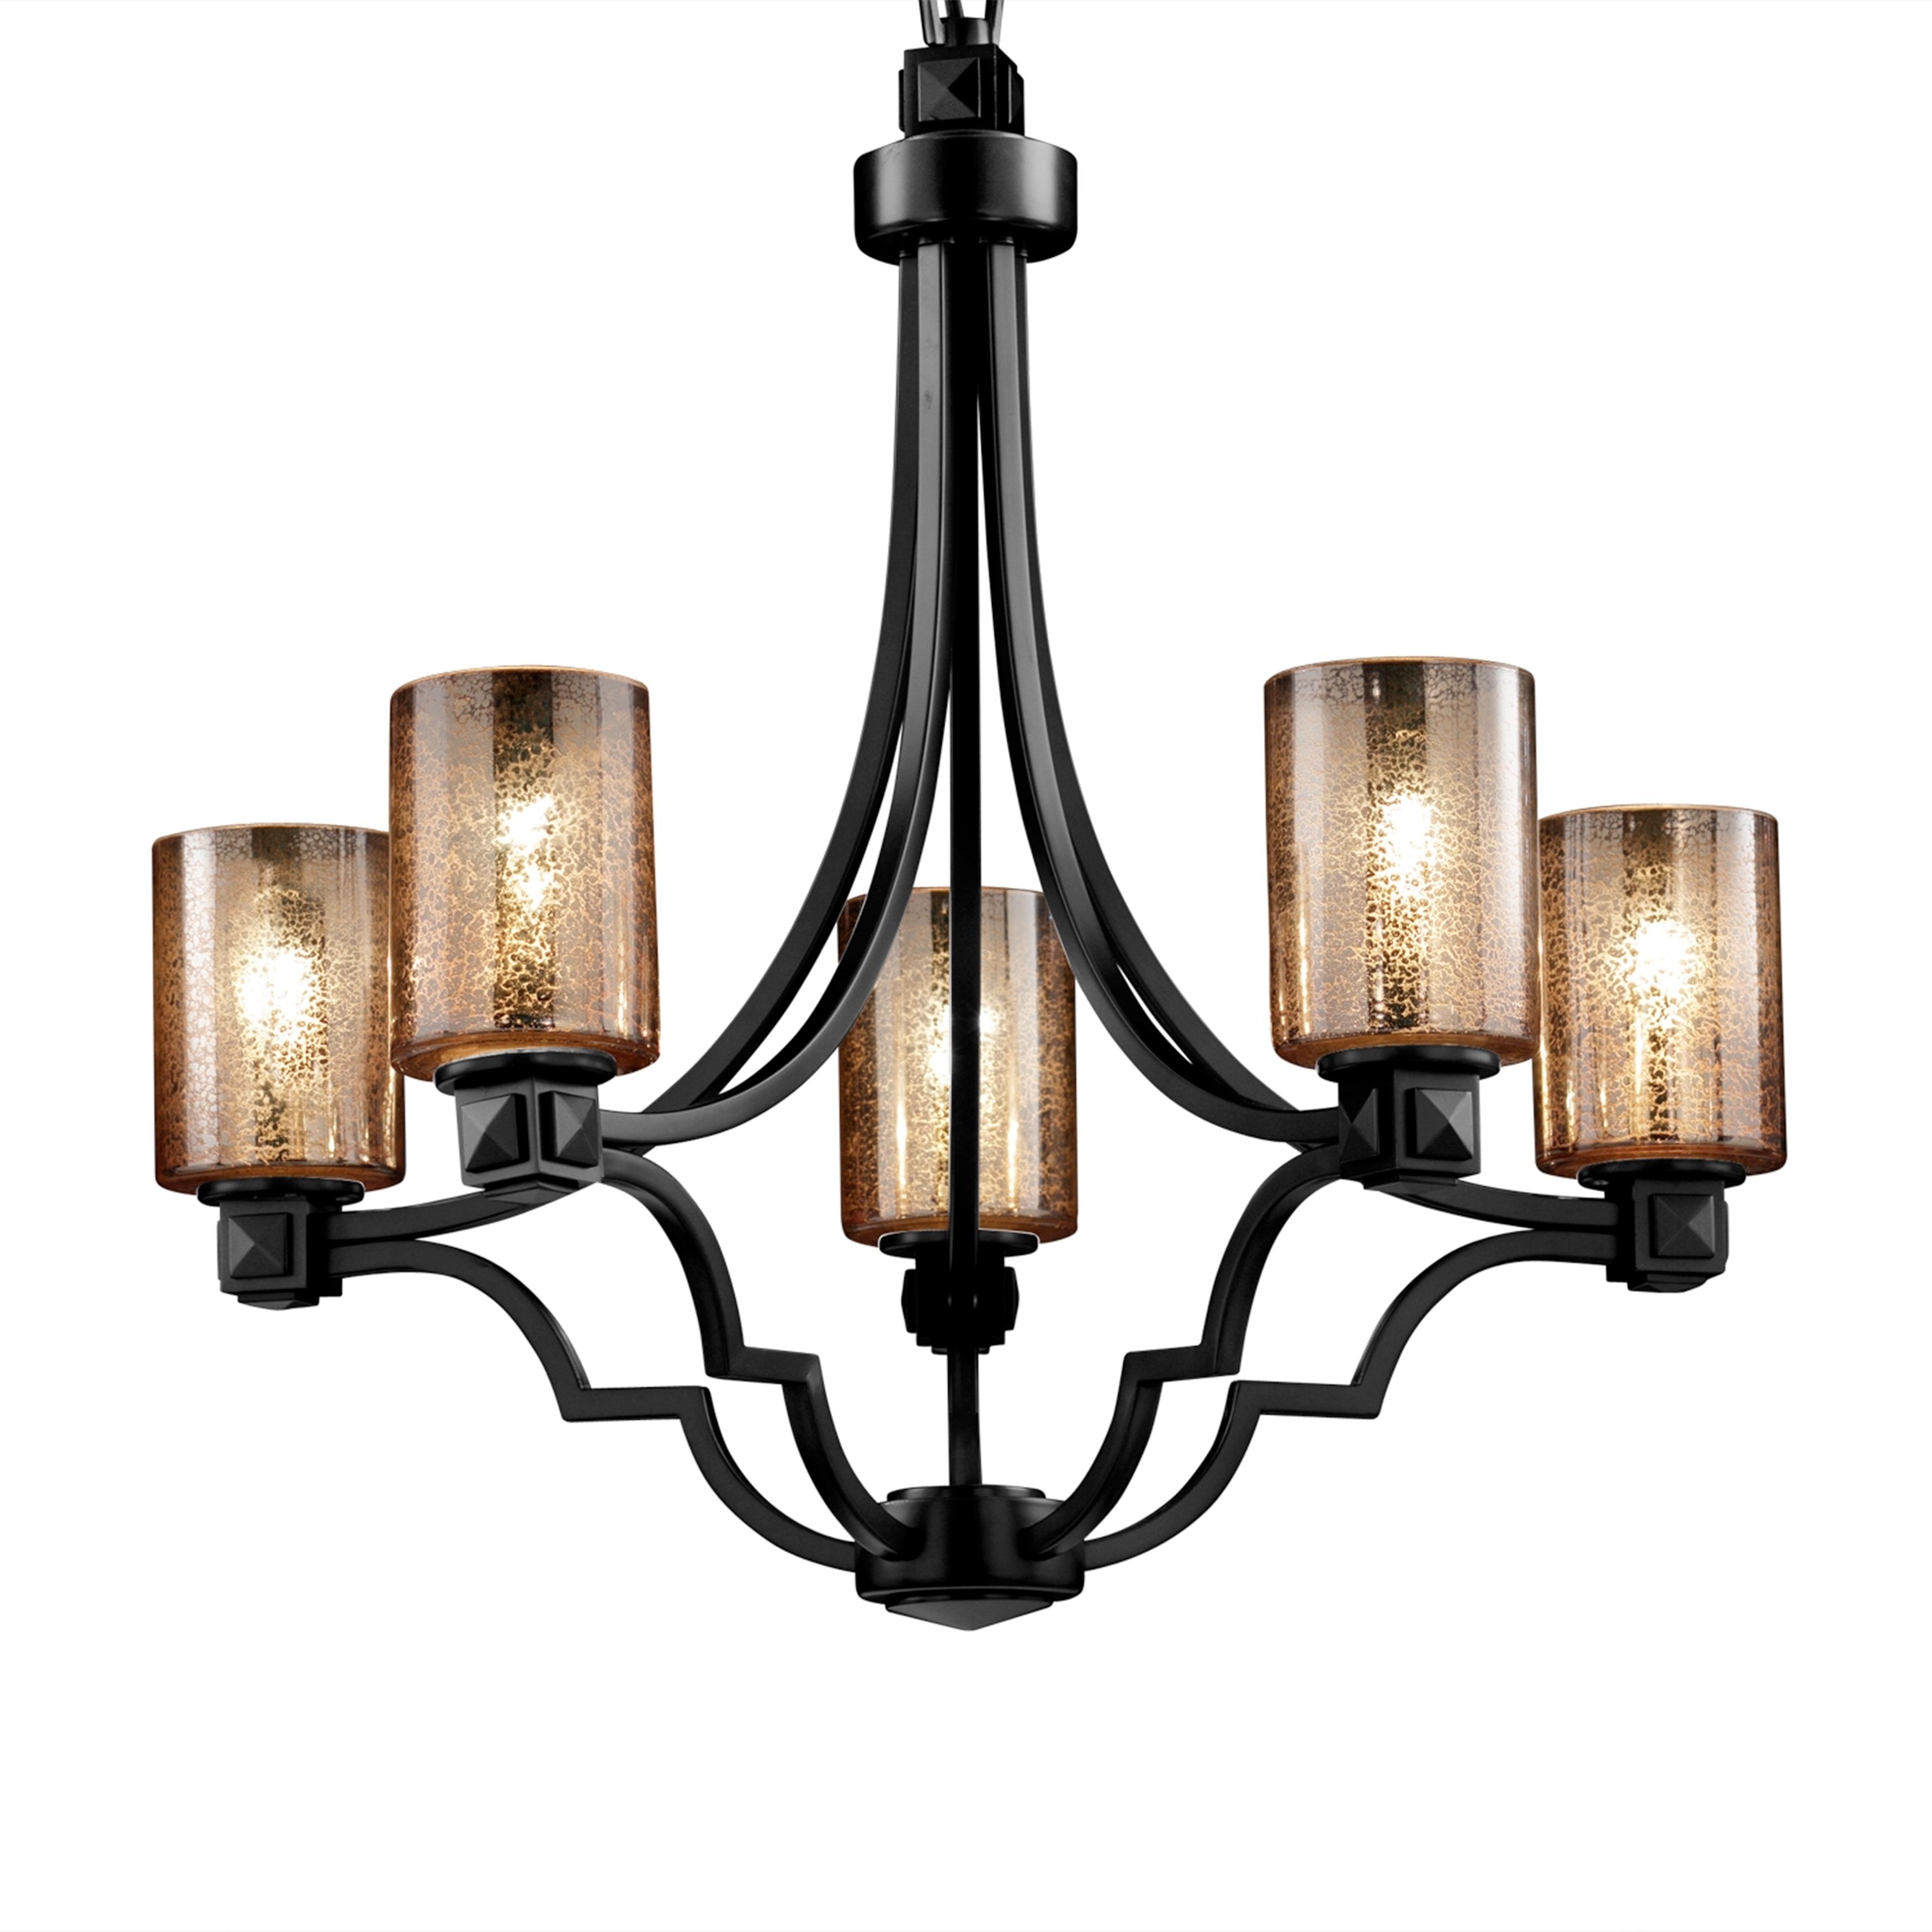 Justice design group fusion argyle 5 light dark bronze chandelier mercury glass cylinder w flat rim shade